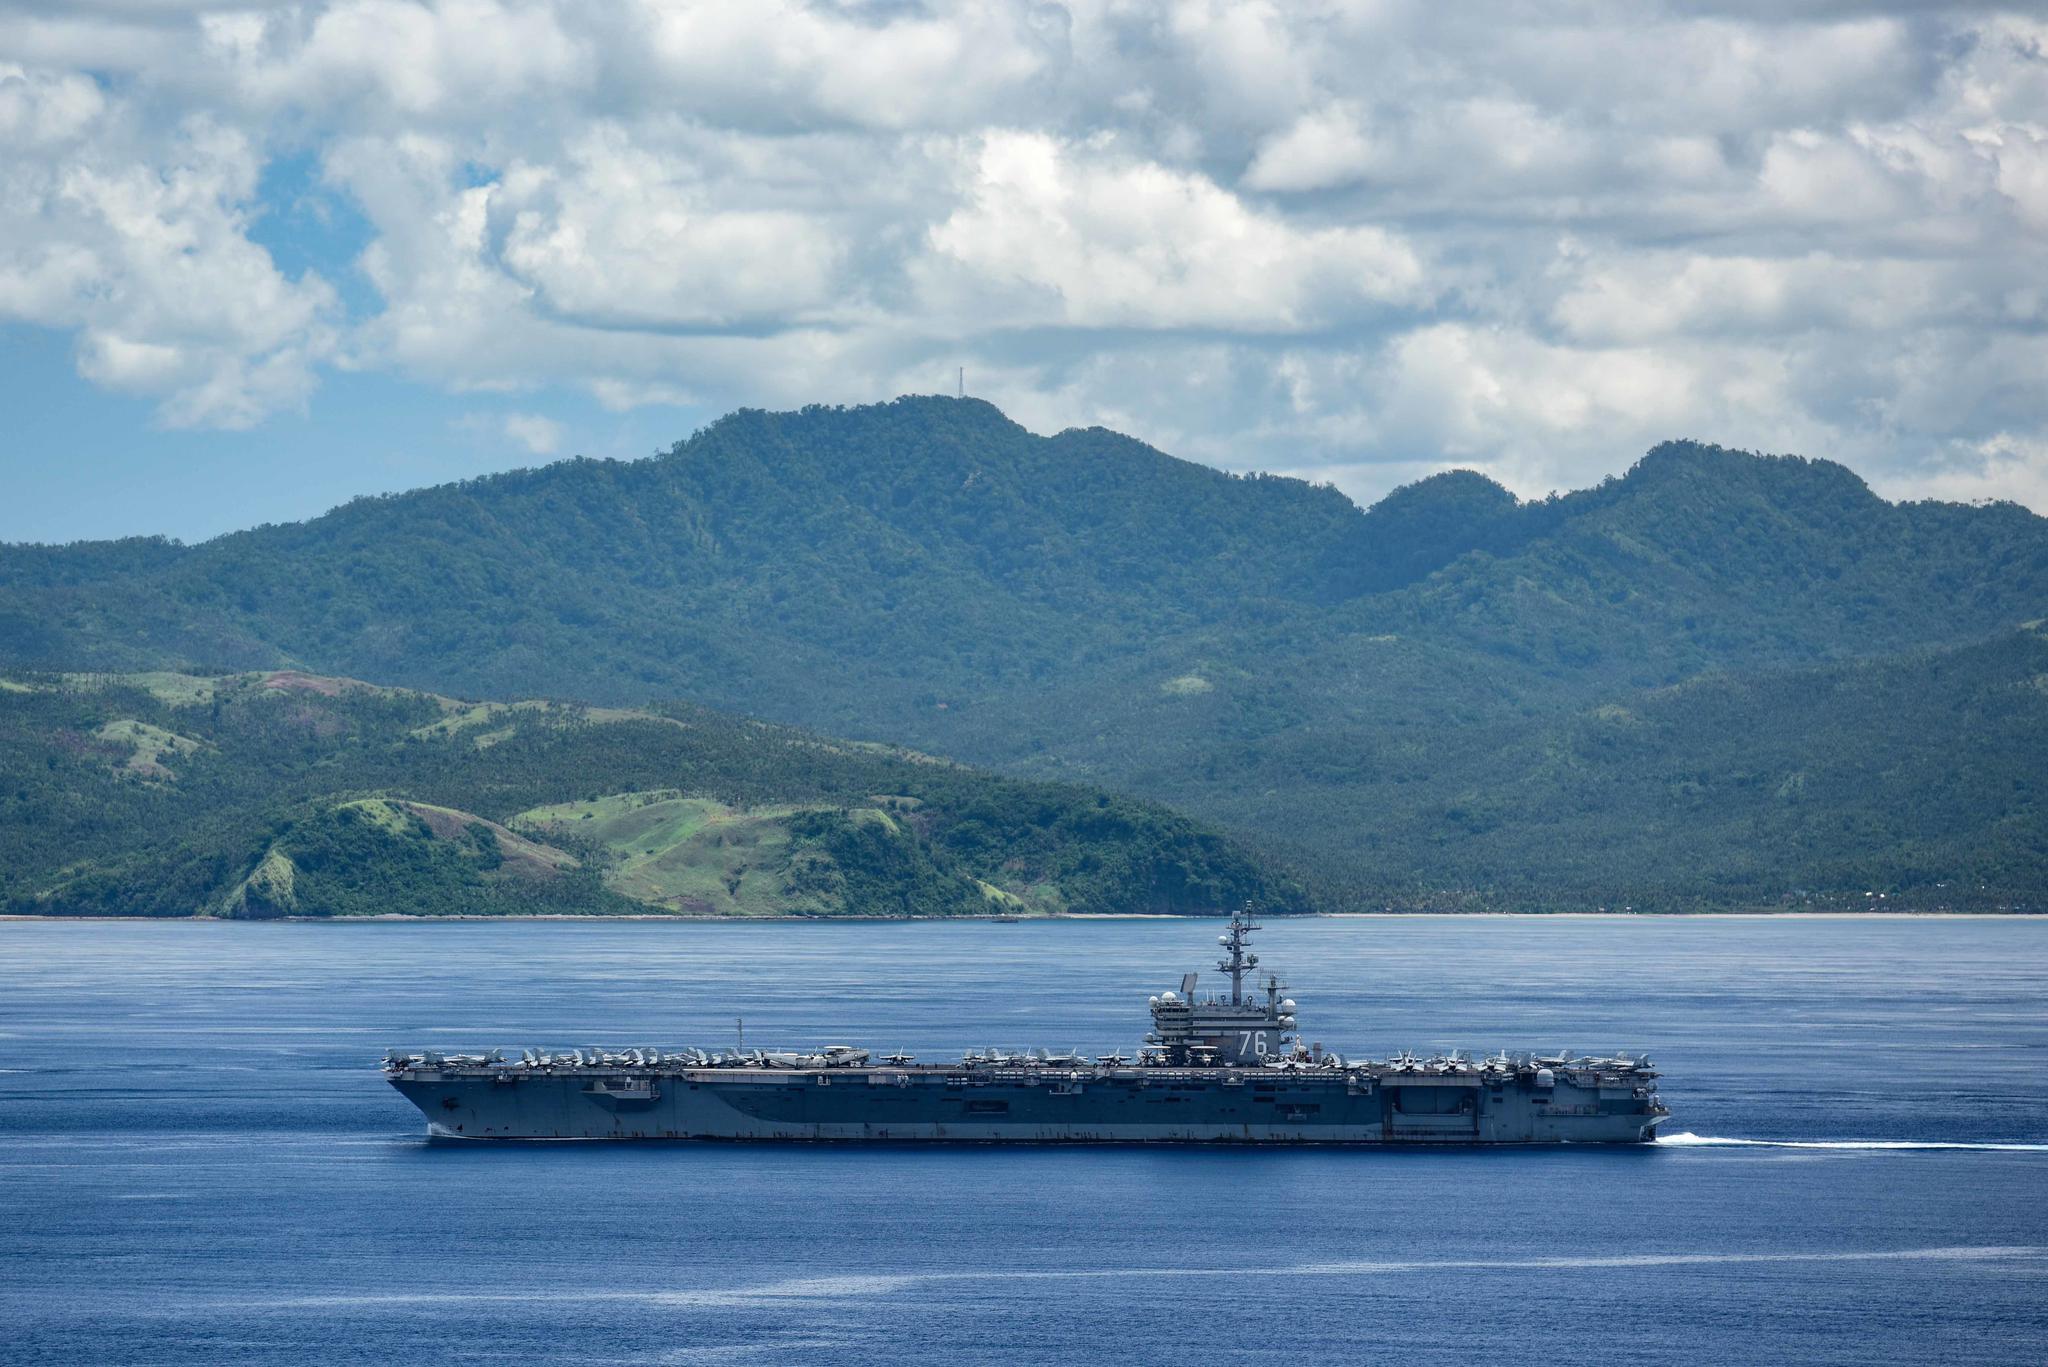 7月3日,美国海军罗纳德.里根号航空母舰穿过圣贝纳迪诺海峡